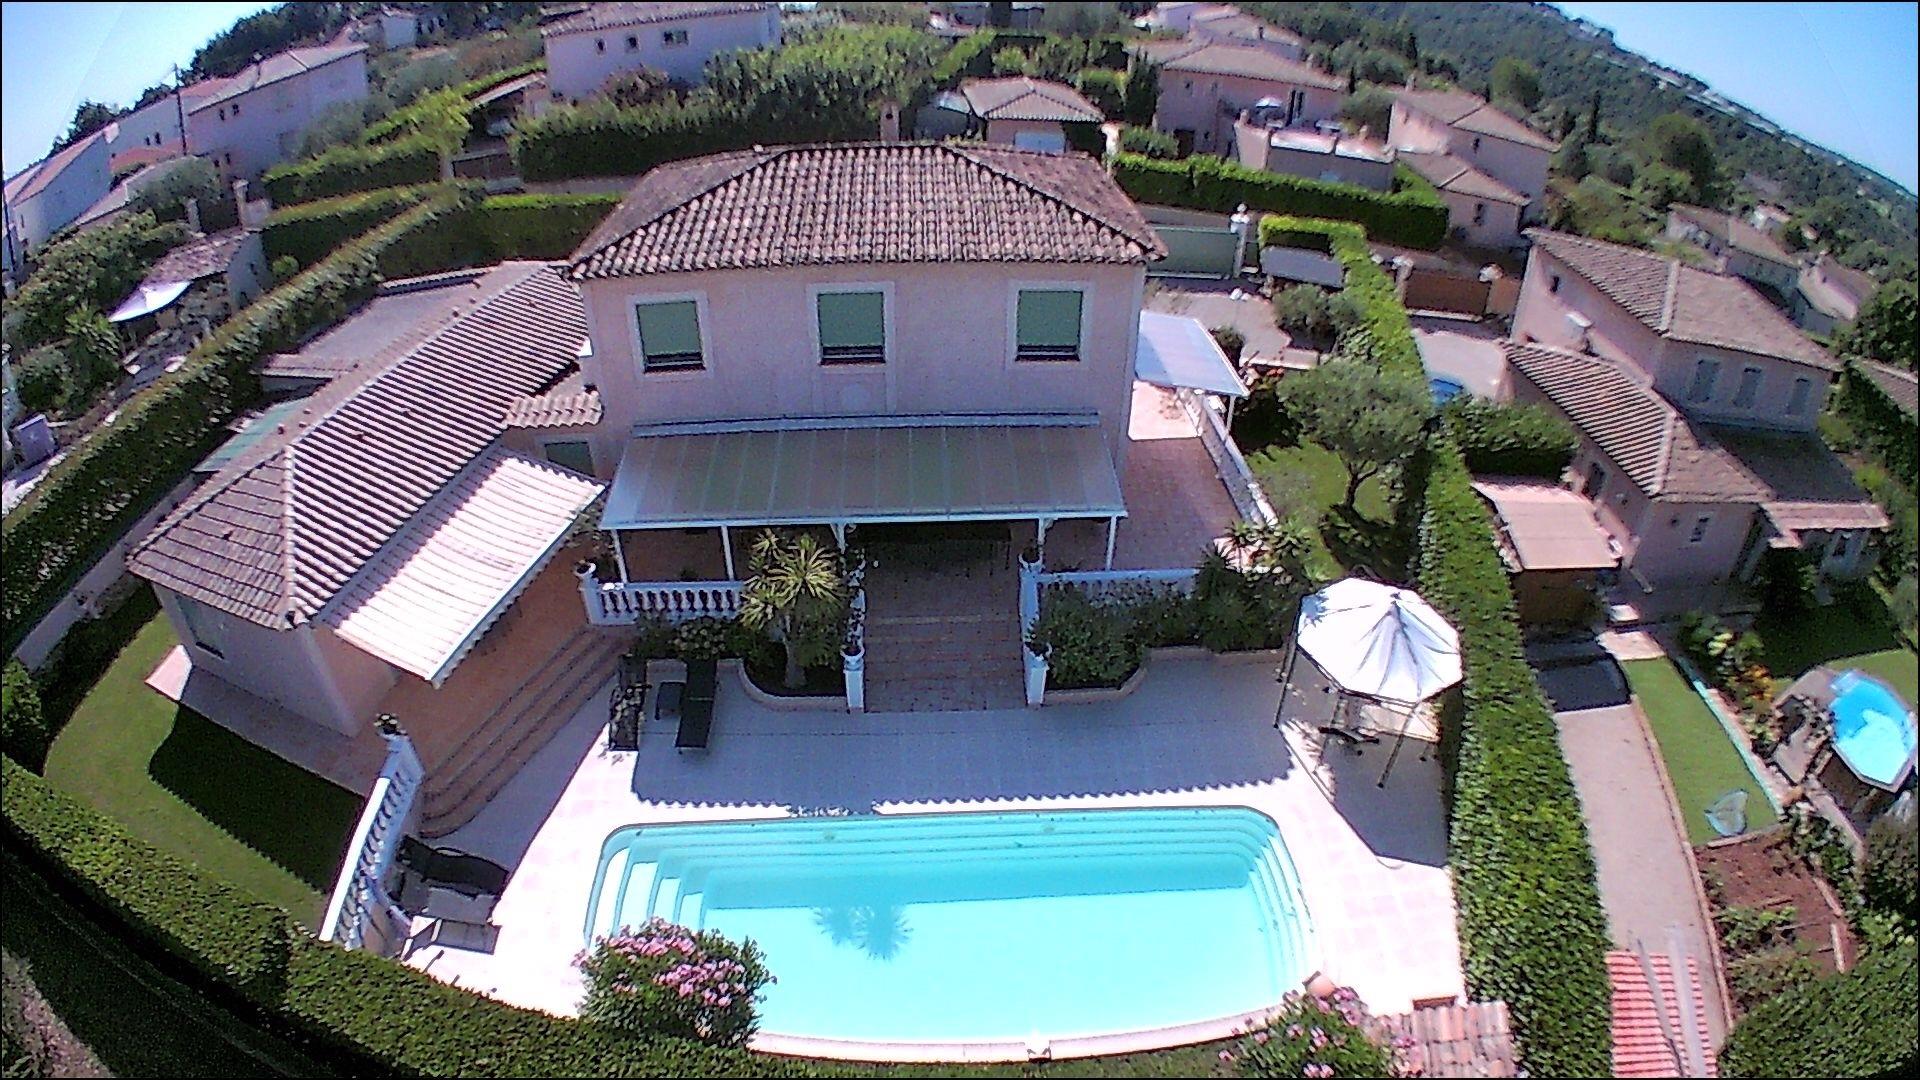 Vente Maison 169 m² T7 06410 Biot_13